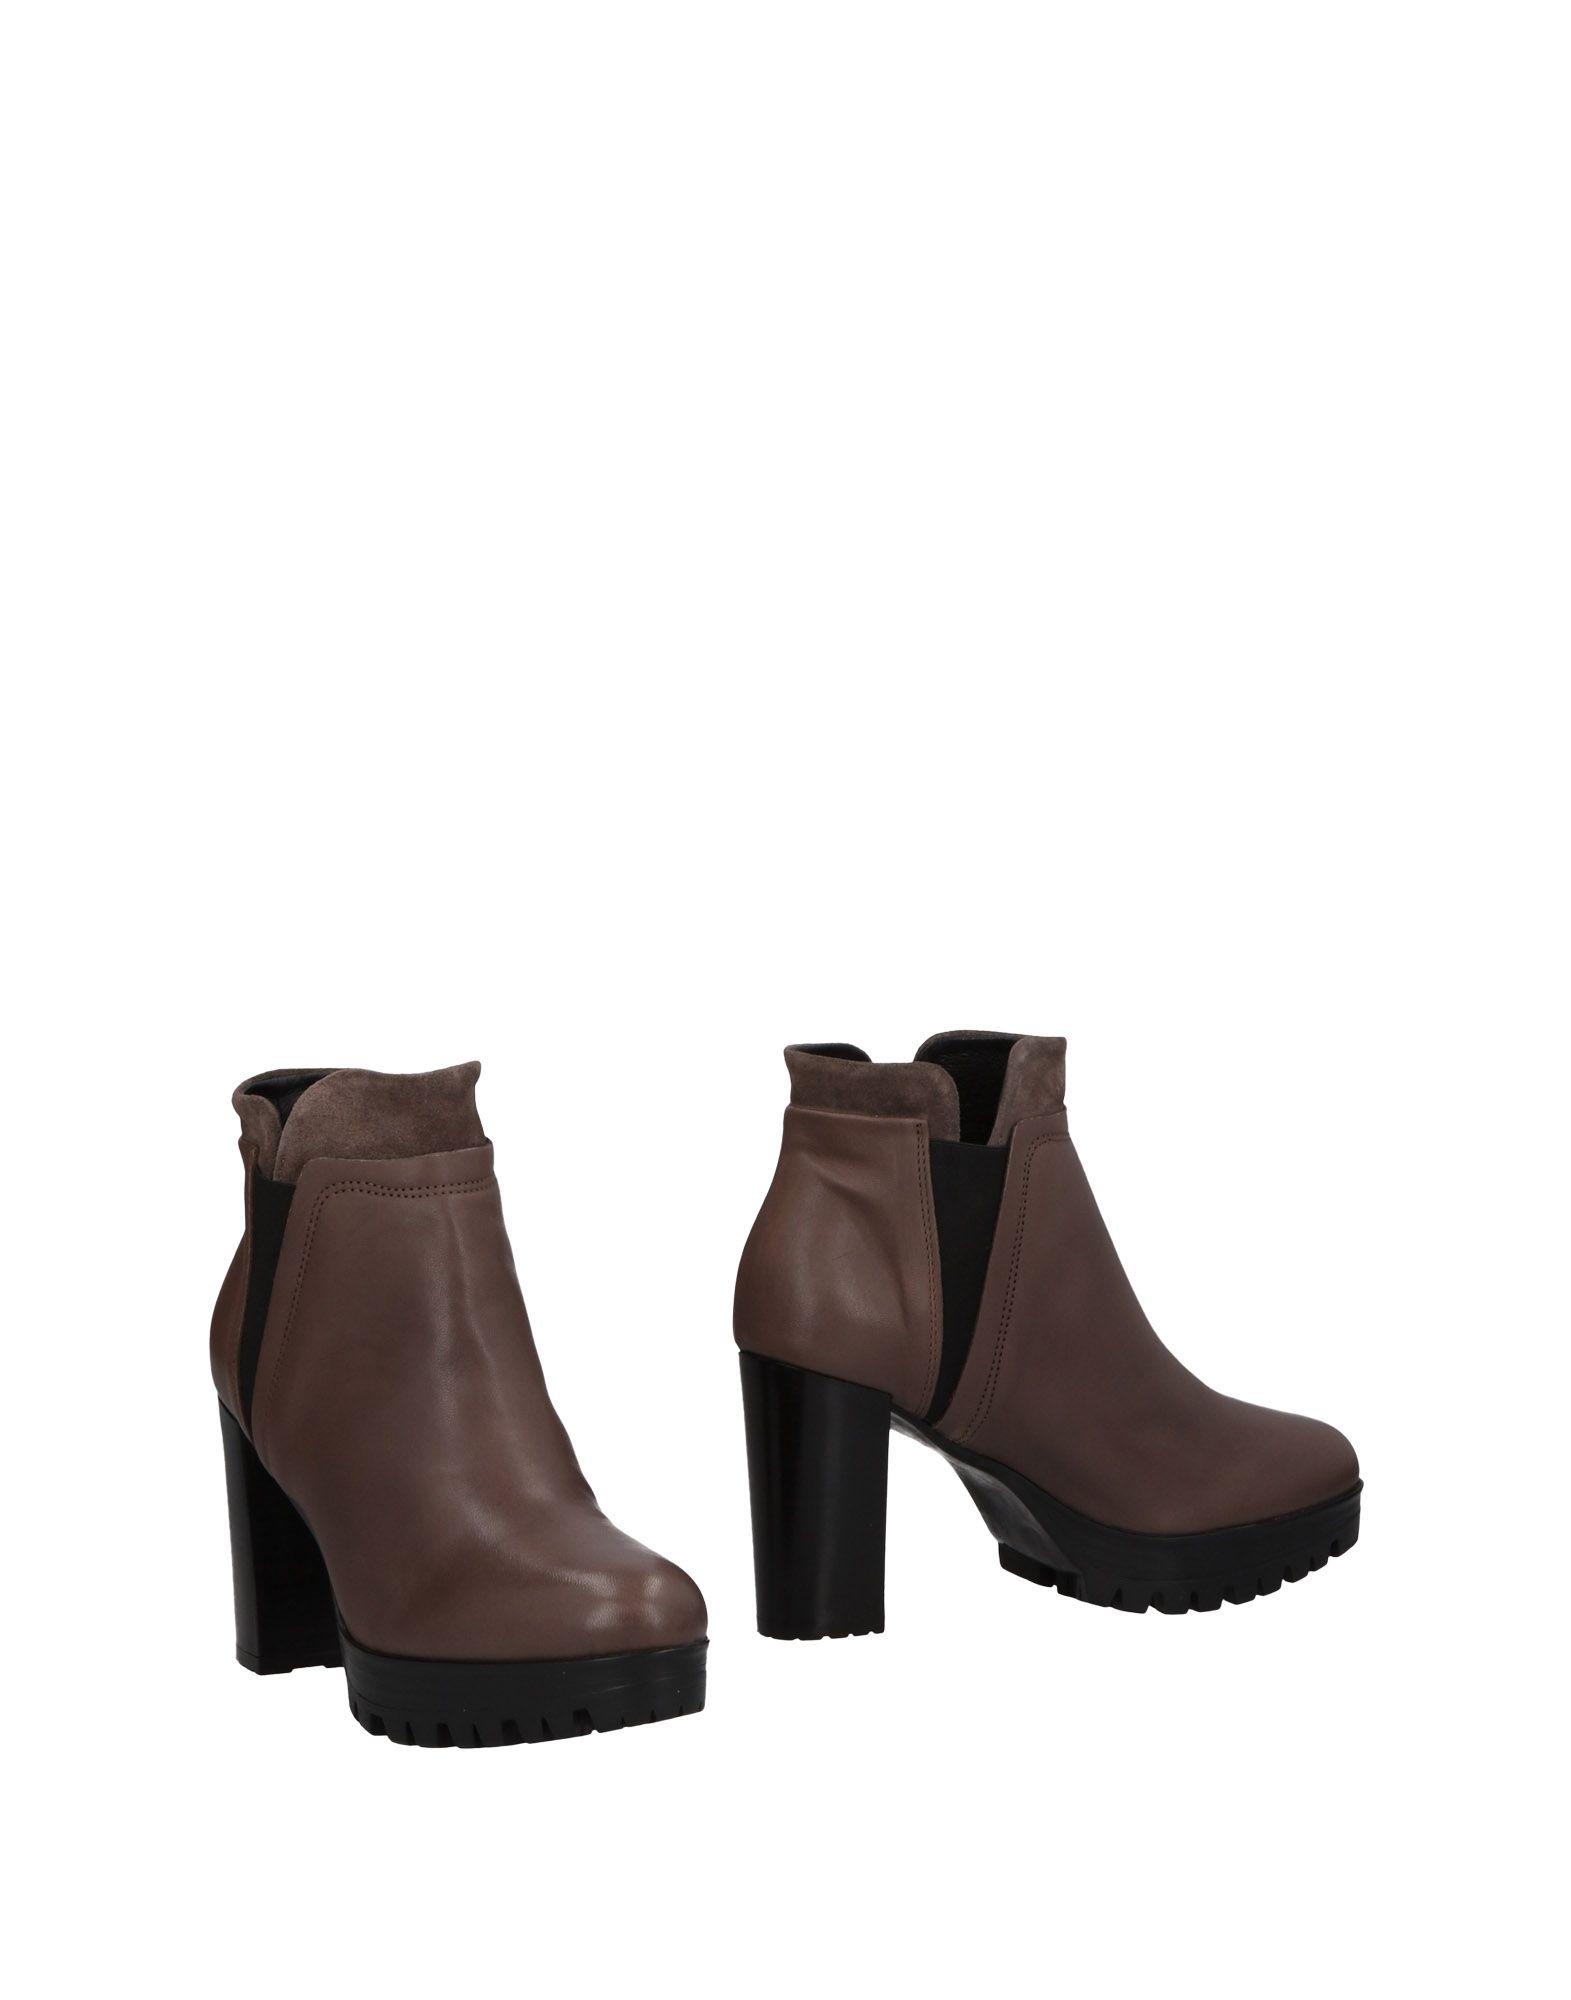 Mally Chelsea Boots Damen  11474177RI Gute Qualität beliebte Schuhe